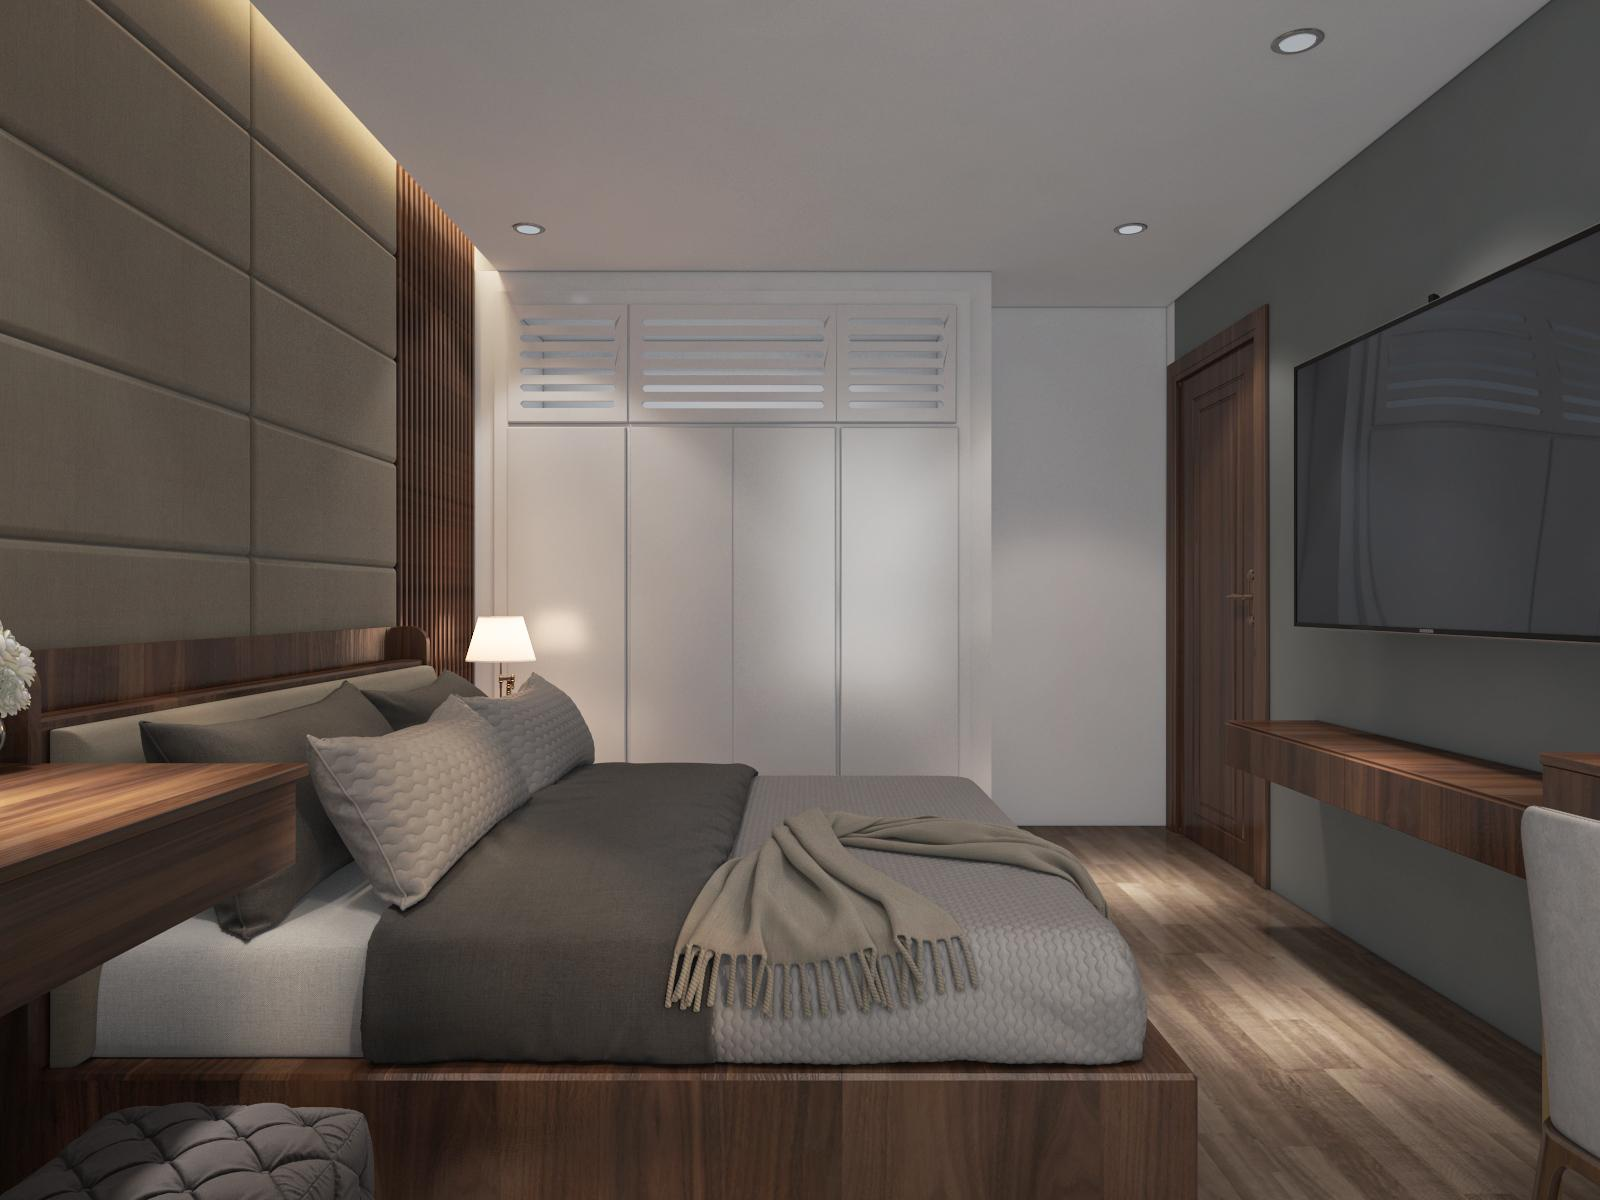 Thiết kế nội thất Chung Cư tại Hà Nội 6 Element Apartment 1584606767 7